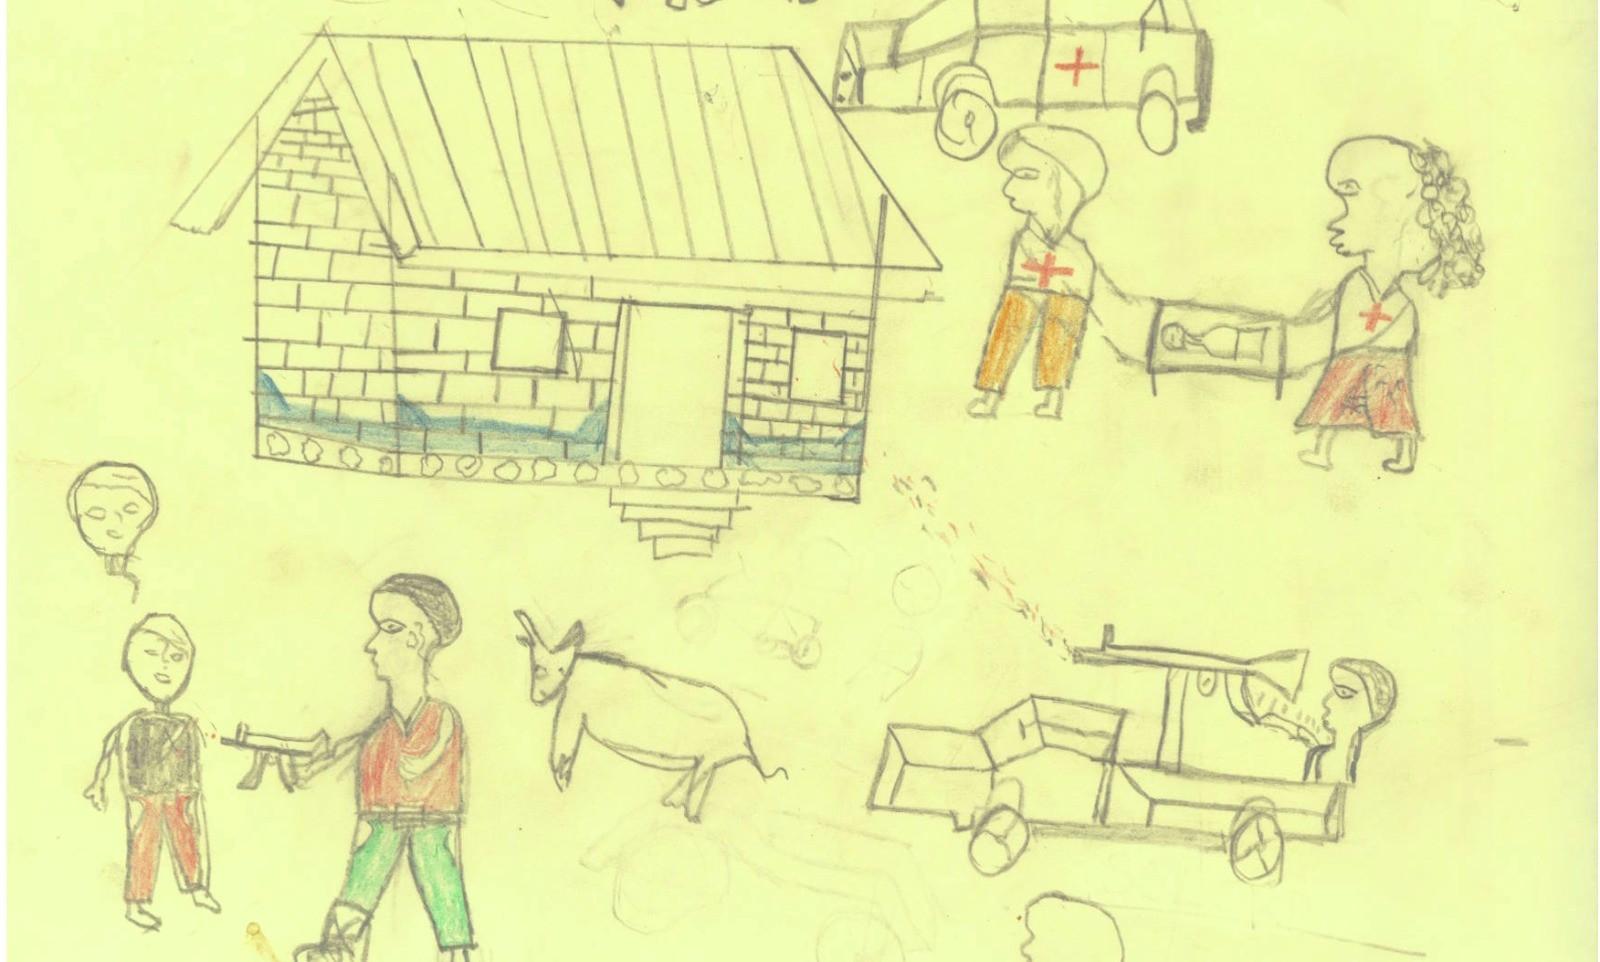 Bức tranh ám ảnh của đứa trẻ 5 tuổi treo tại siêu thị gây xôn xao MXH, vẽ về bố nhưng không khác gì lời kêu cứu trong vô vọng - Ảnh 4.